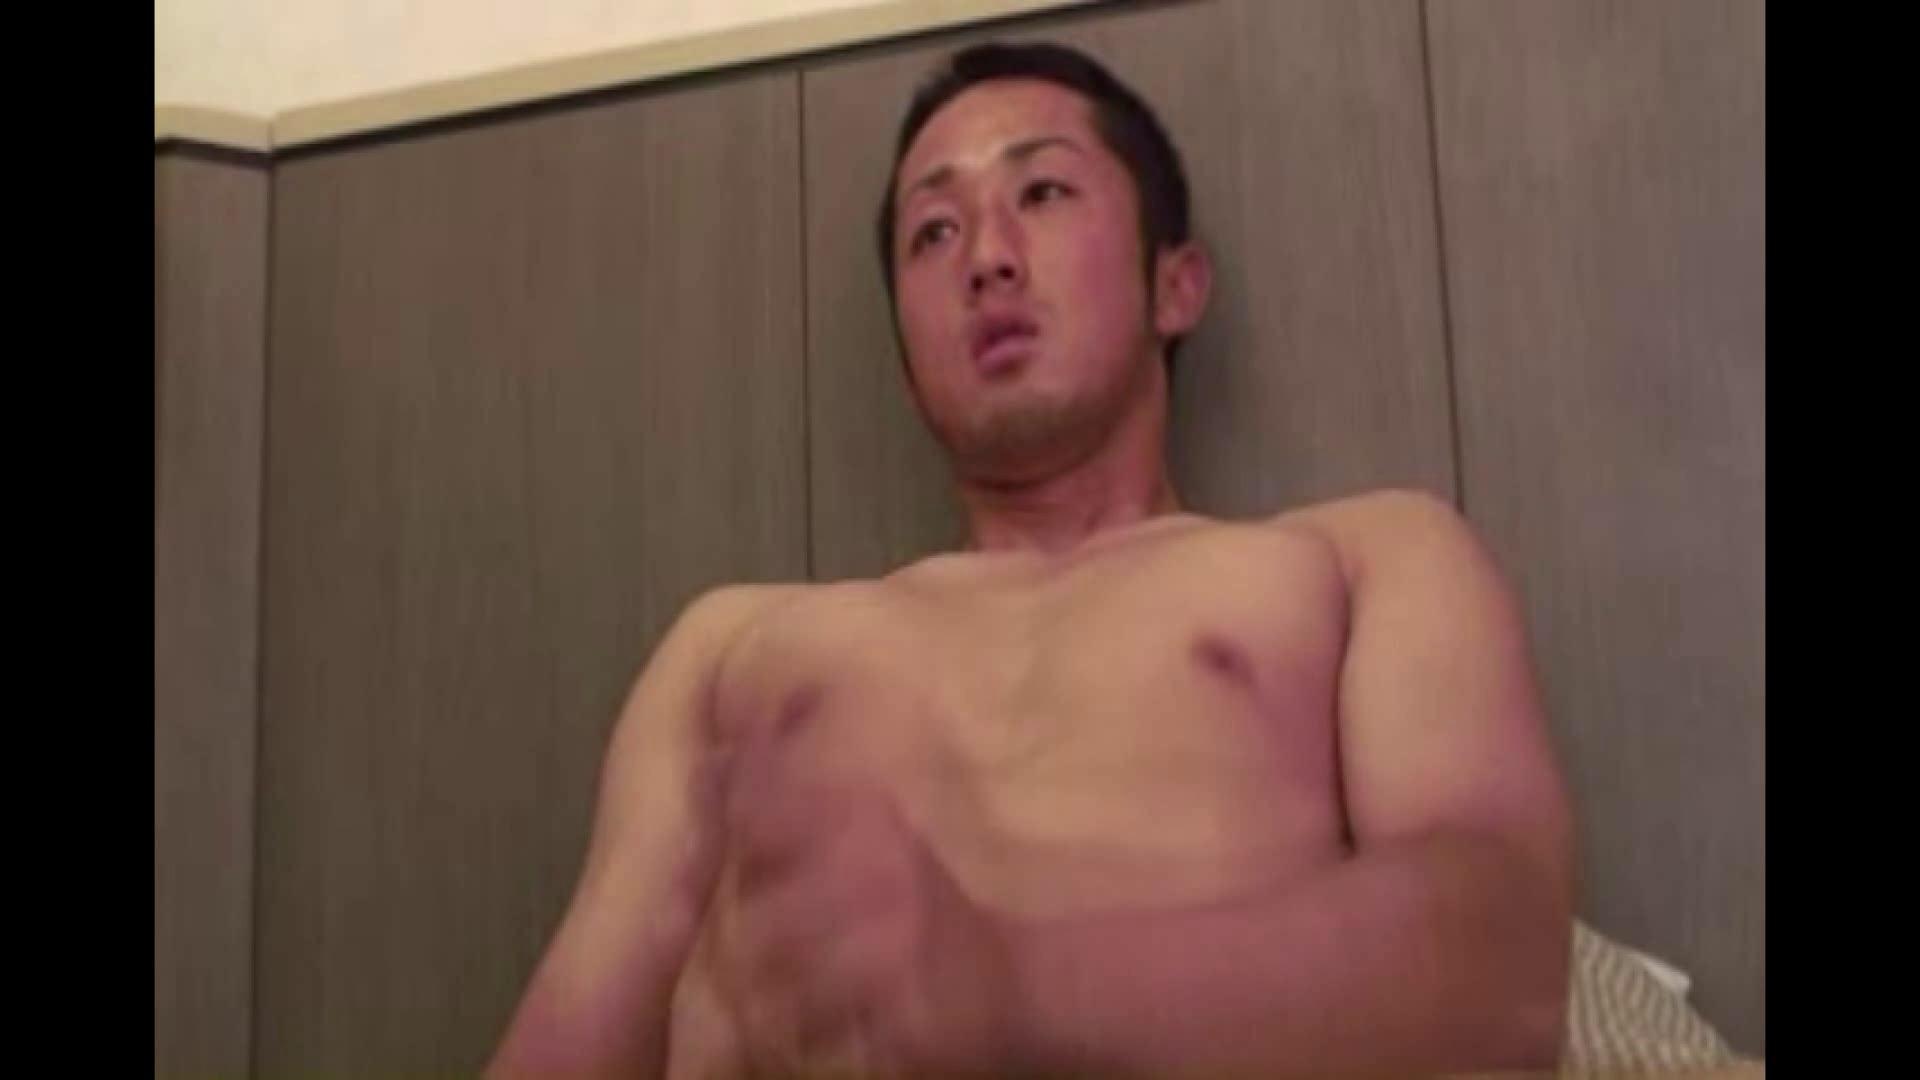 ノンケイケメンの欲望と肉棒 Vol.4 イケメン合体  110連発 12